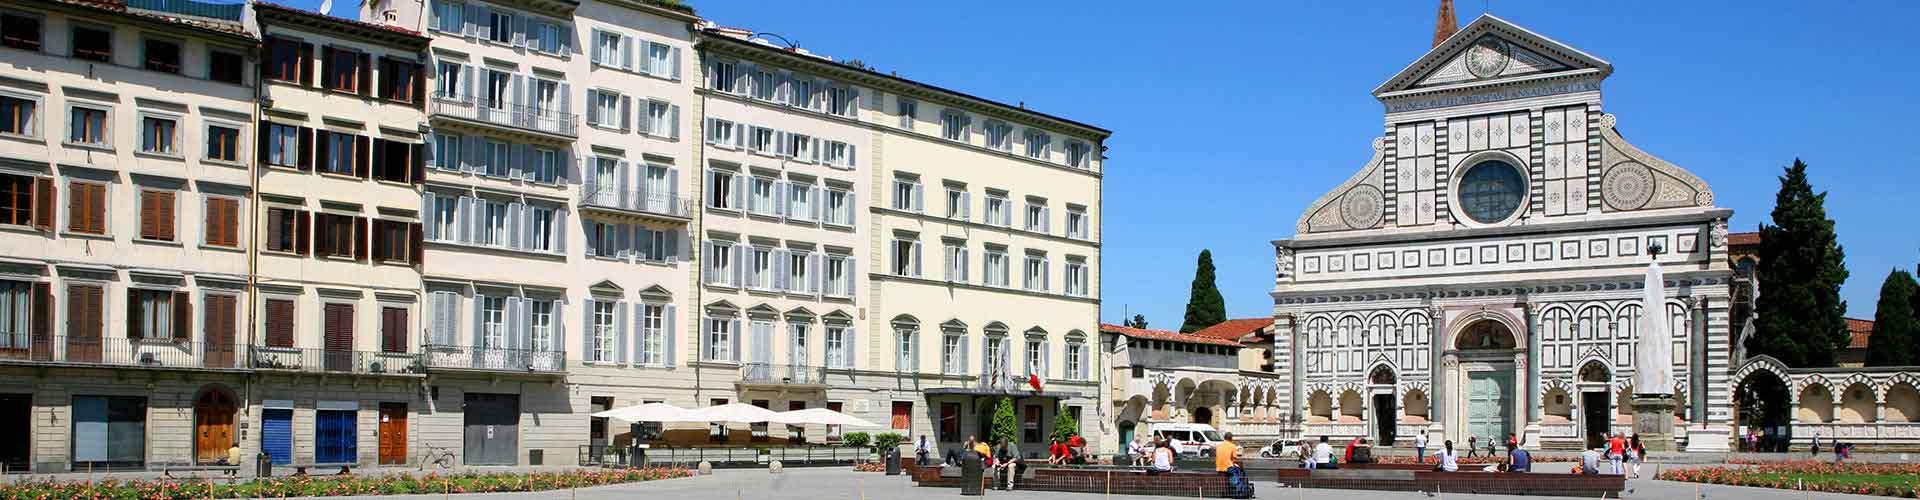 フィレンツェ – Santa Maria Novella地区のホテル. 地図 フィレンツェ, すべてのホテルの写真とレビュー フィレンツェ.